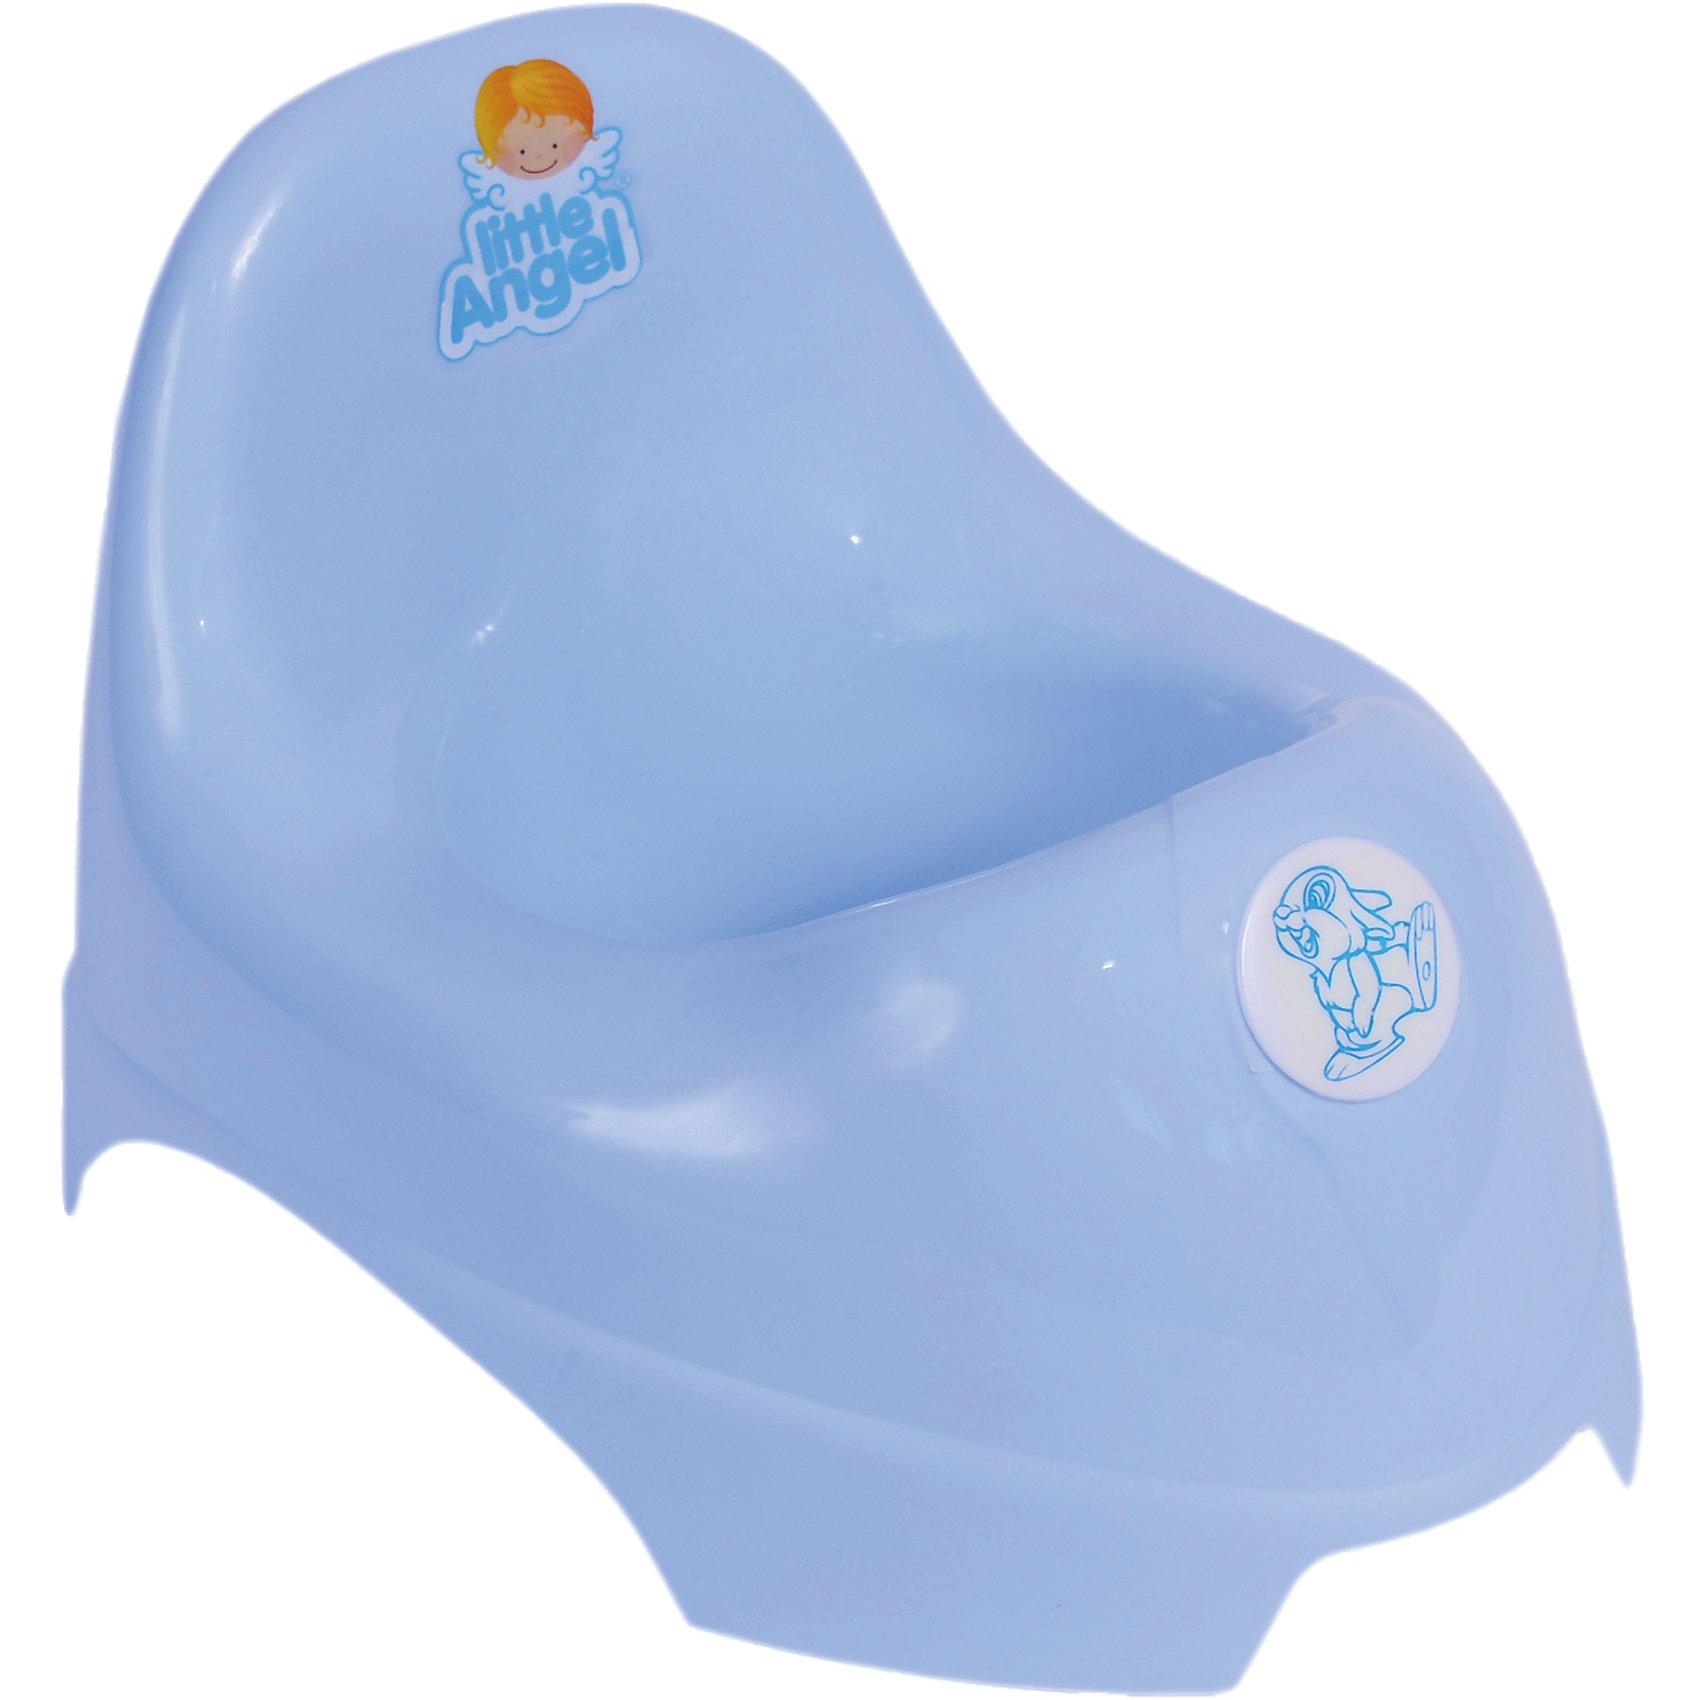 Горшок, Little Angel, голубойГоршки, сиденья для унитаза, стульчики-подставки<br>Горшок, Little Angel, голубой изготовлен отечественным производителем  из высококачественного экологически безопасного и прочного пластика. Горшок классической формы, имеет овальную продолговатую форму с широкими бортиками, что обеспечивает удобство ребенку любой комплекции. Сзади имеется невысокая, но удобная спинка. Горшок отличается высокой устойчивостью, что защищает его от опрокидывания.     <br>Горшок, Little Angel, голубой имеет компактные размеры, поэтому его можно брать с собой в путешествия. Кроме того, он достаточно прост в уходе ? легко моется водой.<br><br>Дополнительная информация:<br><br>- Предназначение: для дома<br>- Цвет: голубой<br>- Пол: для мальчика<br>- Материал: пластик<br>- Размер (Д*Ш*В): 35,5*23*22,5 см<br>- Вес: 318 г<br>- Особенности ухода: разрешается мыть<br><br>Подробнее:<br><br>• Для детей в возрасте: от 0 лет и до 3 лет<br>• Страна производитель: Россия<br>• Торговый бренд: Little Angel<br><br>Горшок, Little Angel, голубой можно купить в нашем интернет-магазине.<br><br>Ширина мм: 355<br>Глубина мм: 230<br>Высота мм: 225<br>Вес г: 318<br>Возраст от месяцев: 0<br>Возраст до месяцев: 36<br>Пол: Мужской<br>Возраст: Детский<br>SKU: 4881791